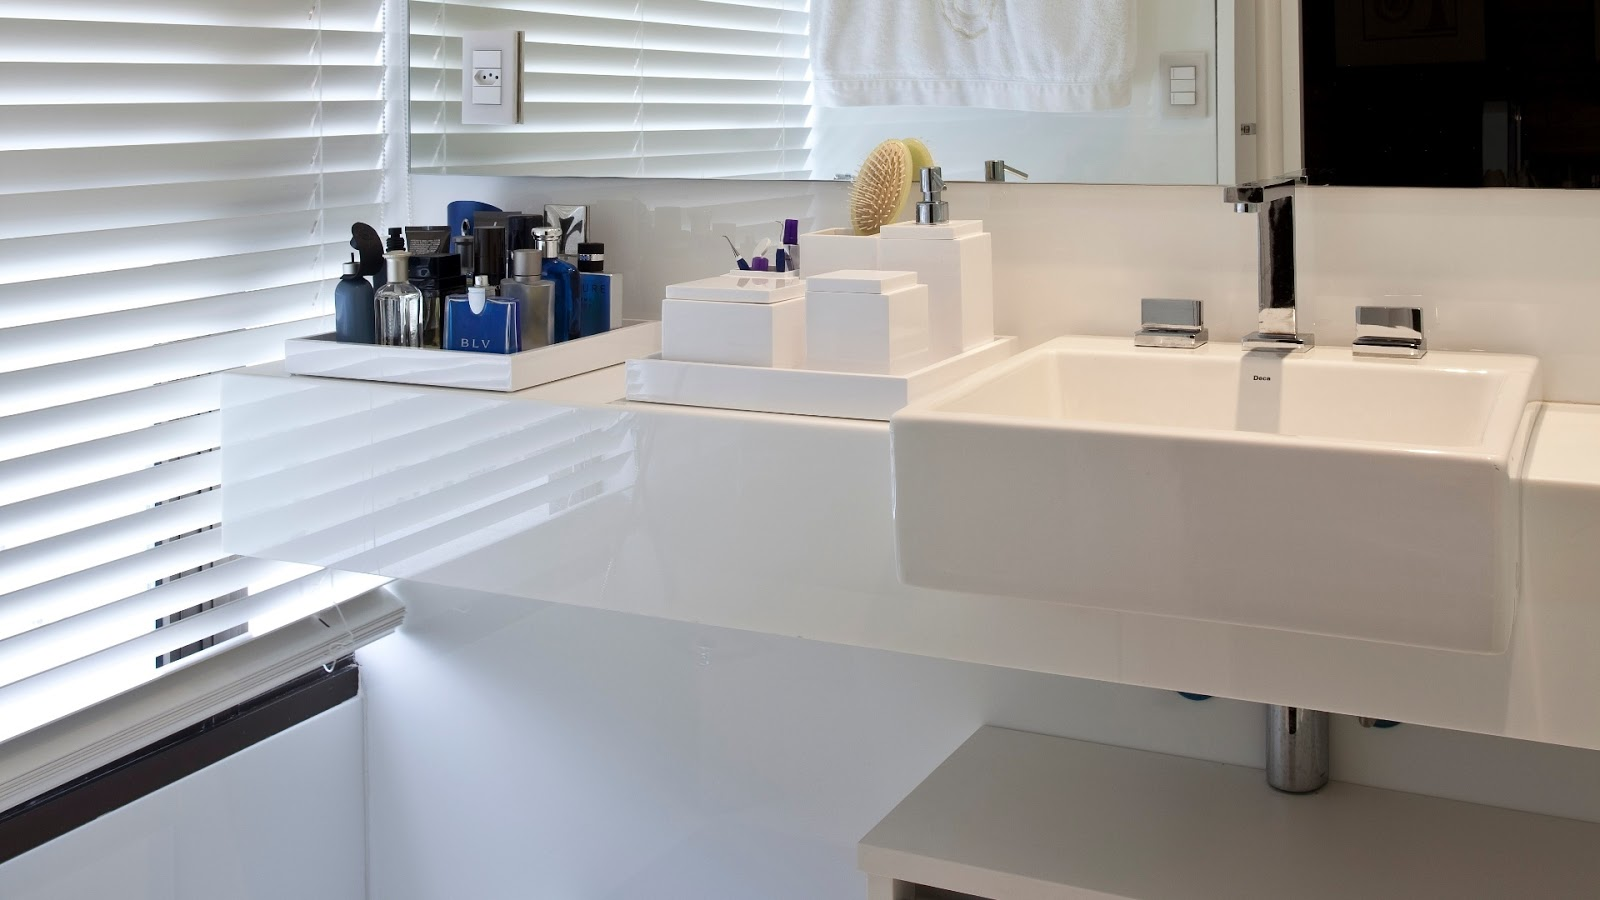 20 Bancadas Brancas de Banheiros/Lavabos Veja Dicas e Decoração #283D69 1600x900 Banheiro Com Bancada